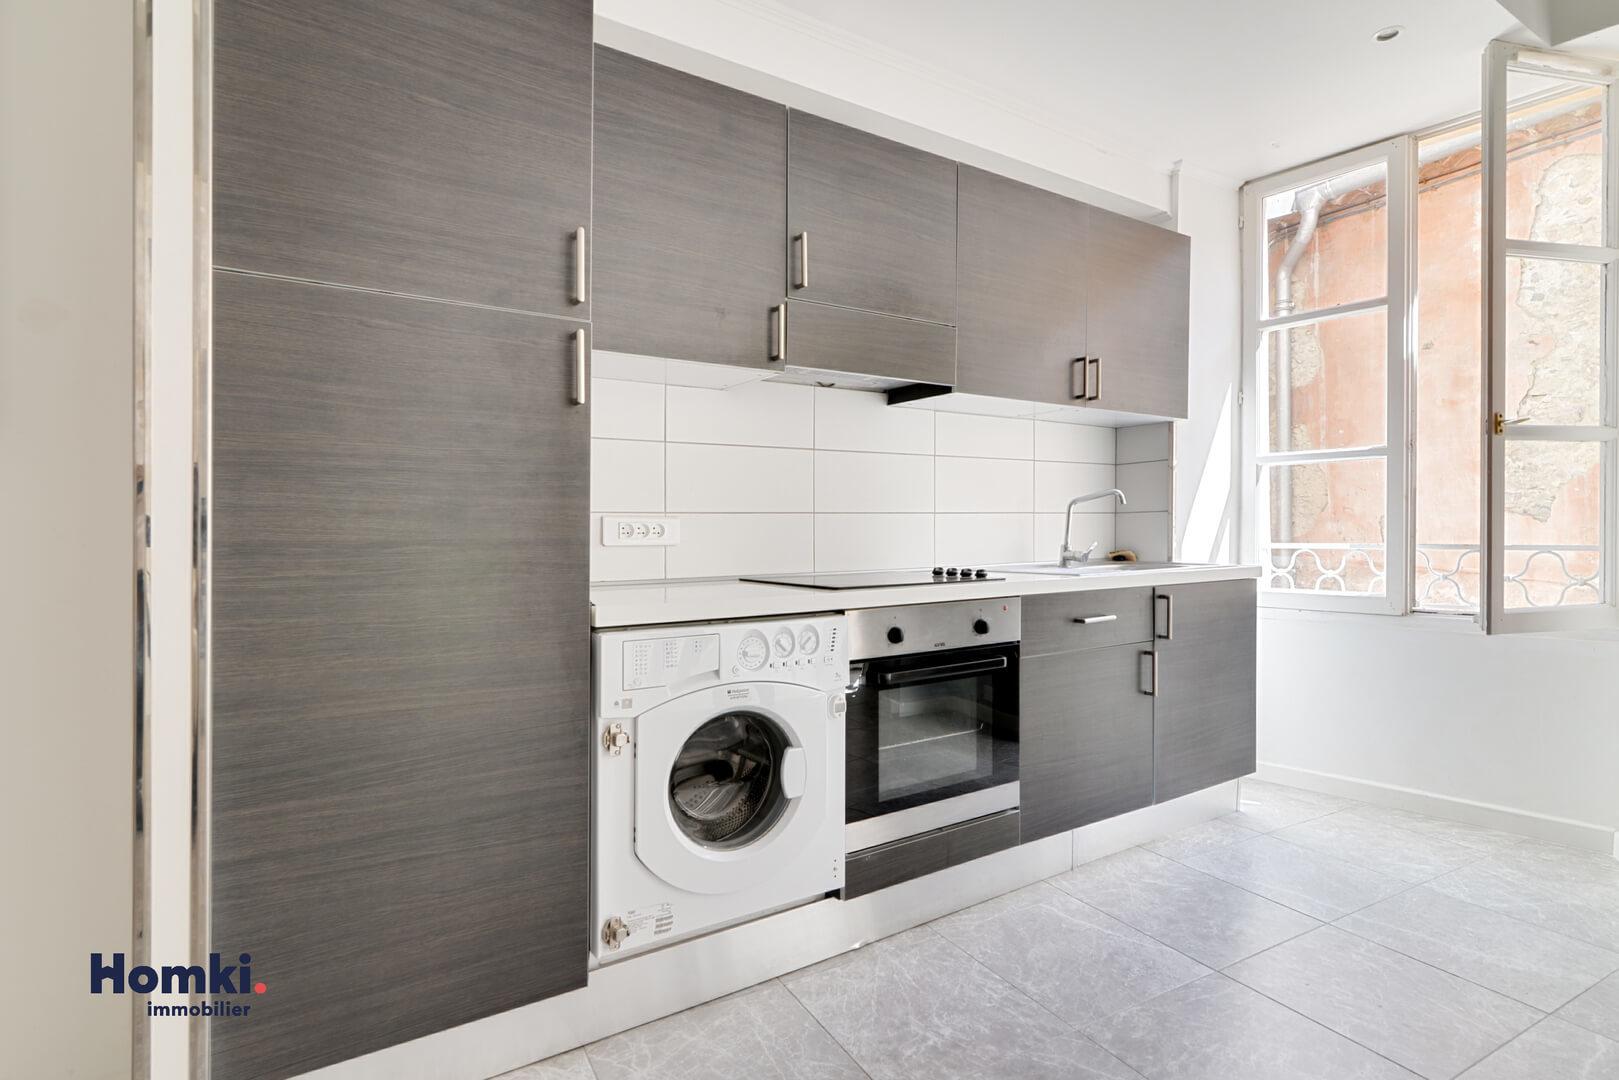 Vente appartement Menton T2 06500 Côte d'Azur French Riviera Investissement_4